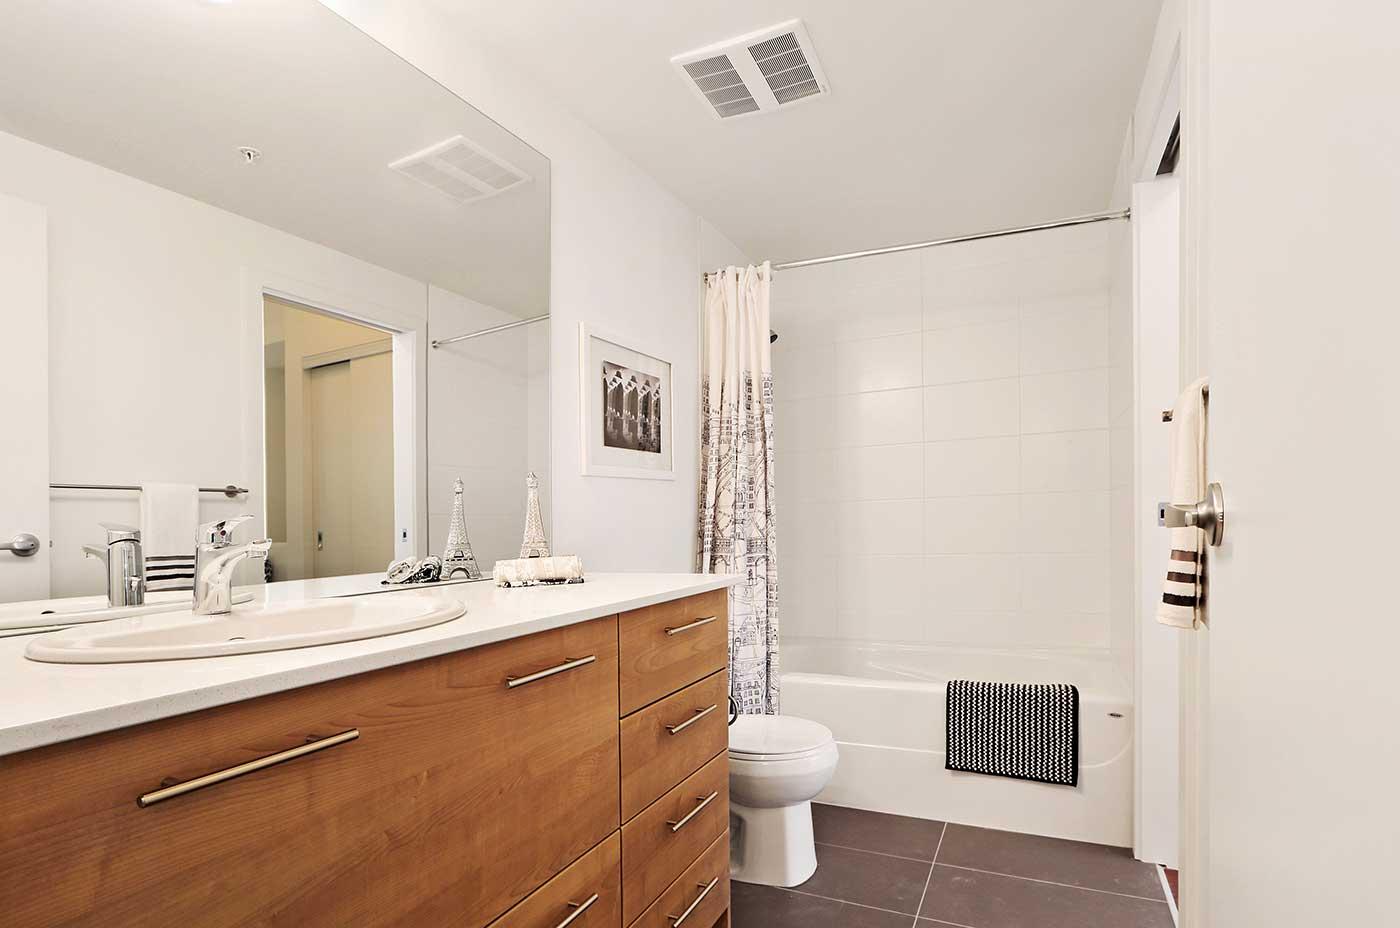 1215 Rental Apartments - One bedroom J2 Bathroom view